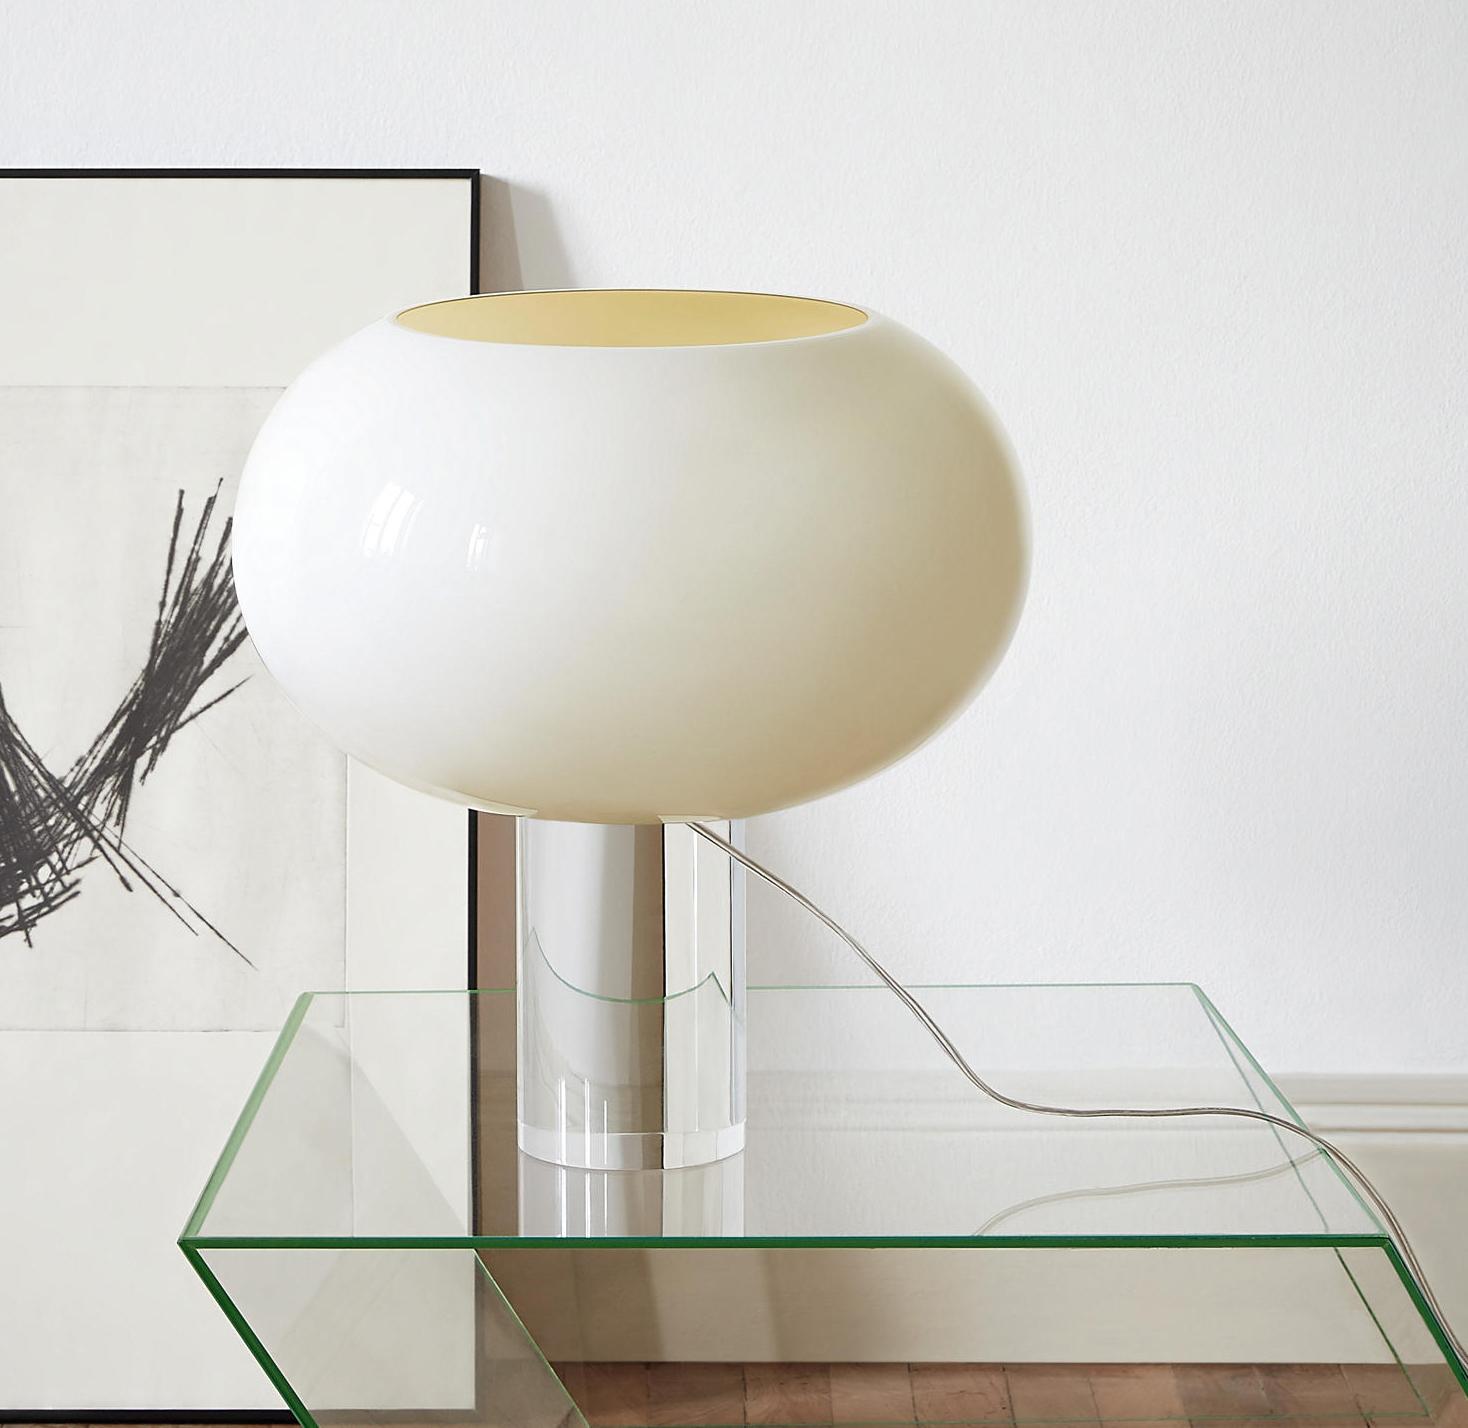 Lampade da appoggio interesting tre lampade da tavolo by for Lampade da appoggio